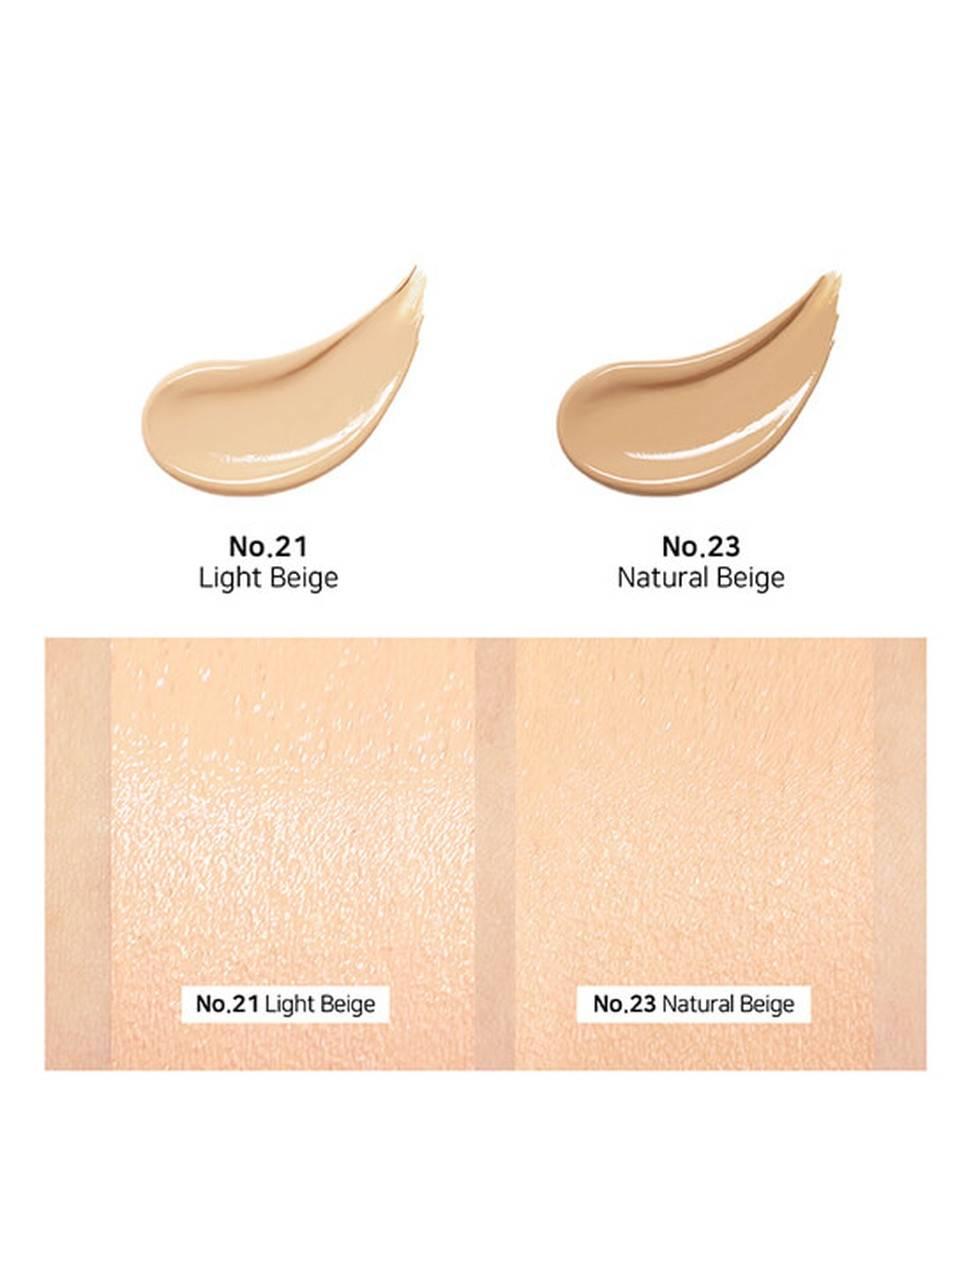 Кушон увлажняющий с жемчужной пудрой By Ecom Honey Glow Cover Cushion 12g 3 - Фото 2